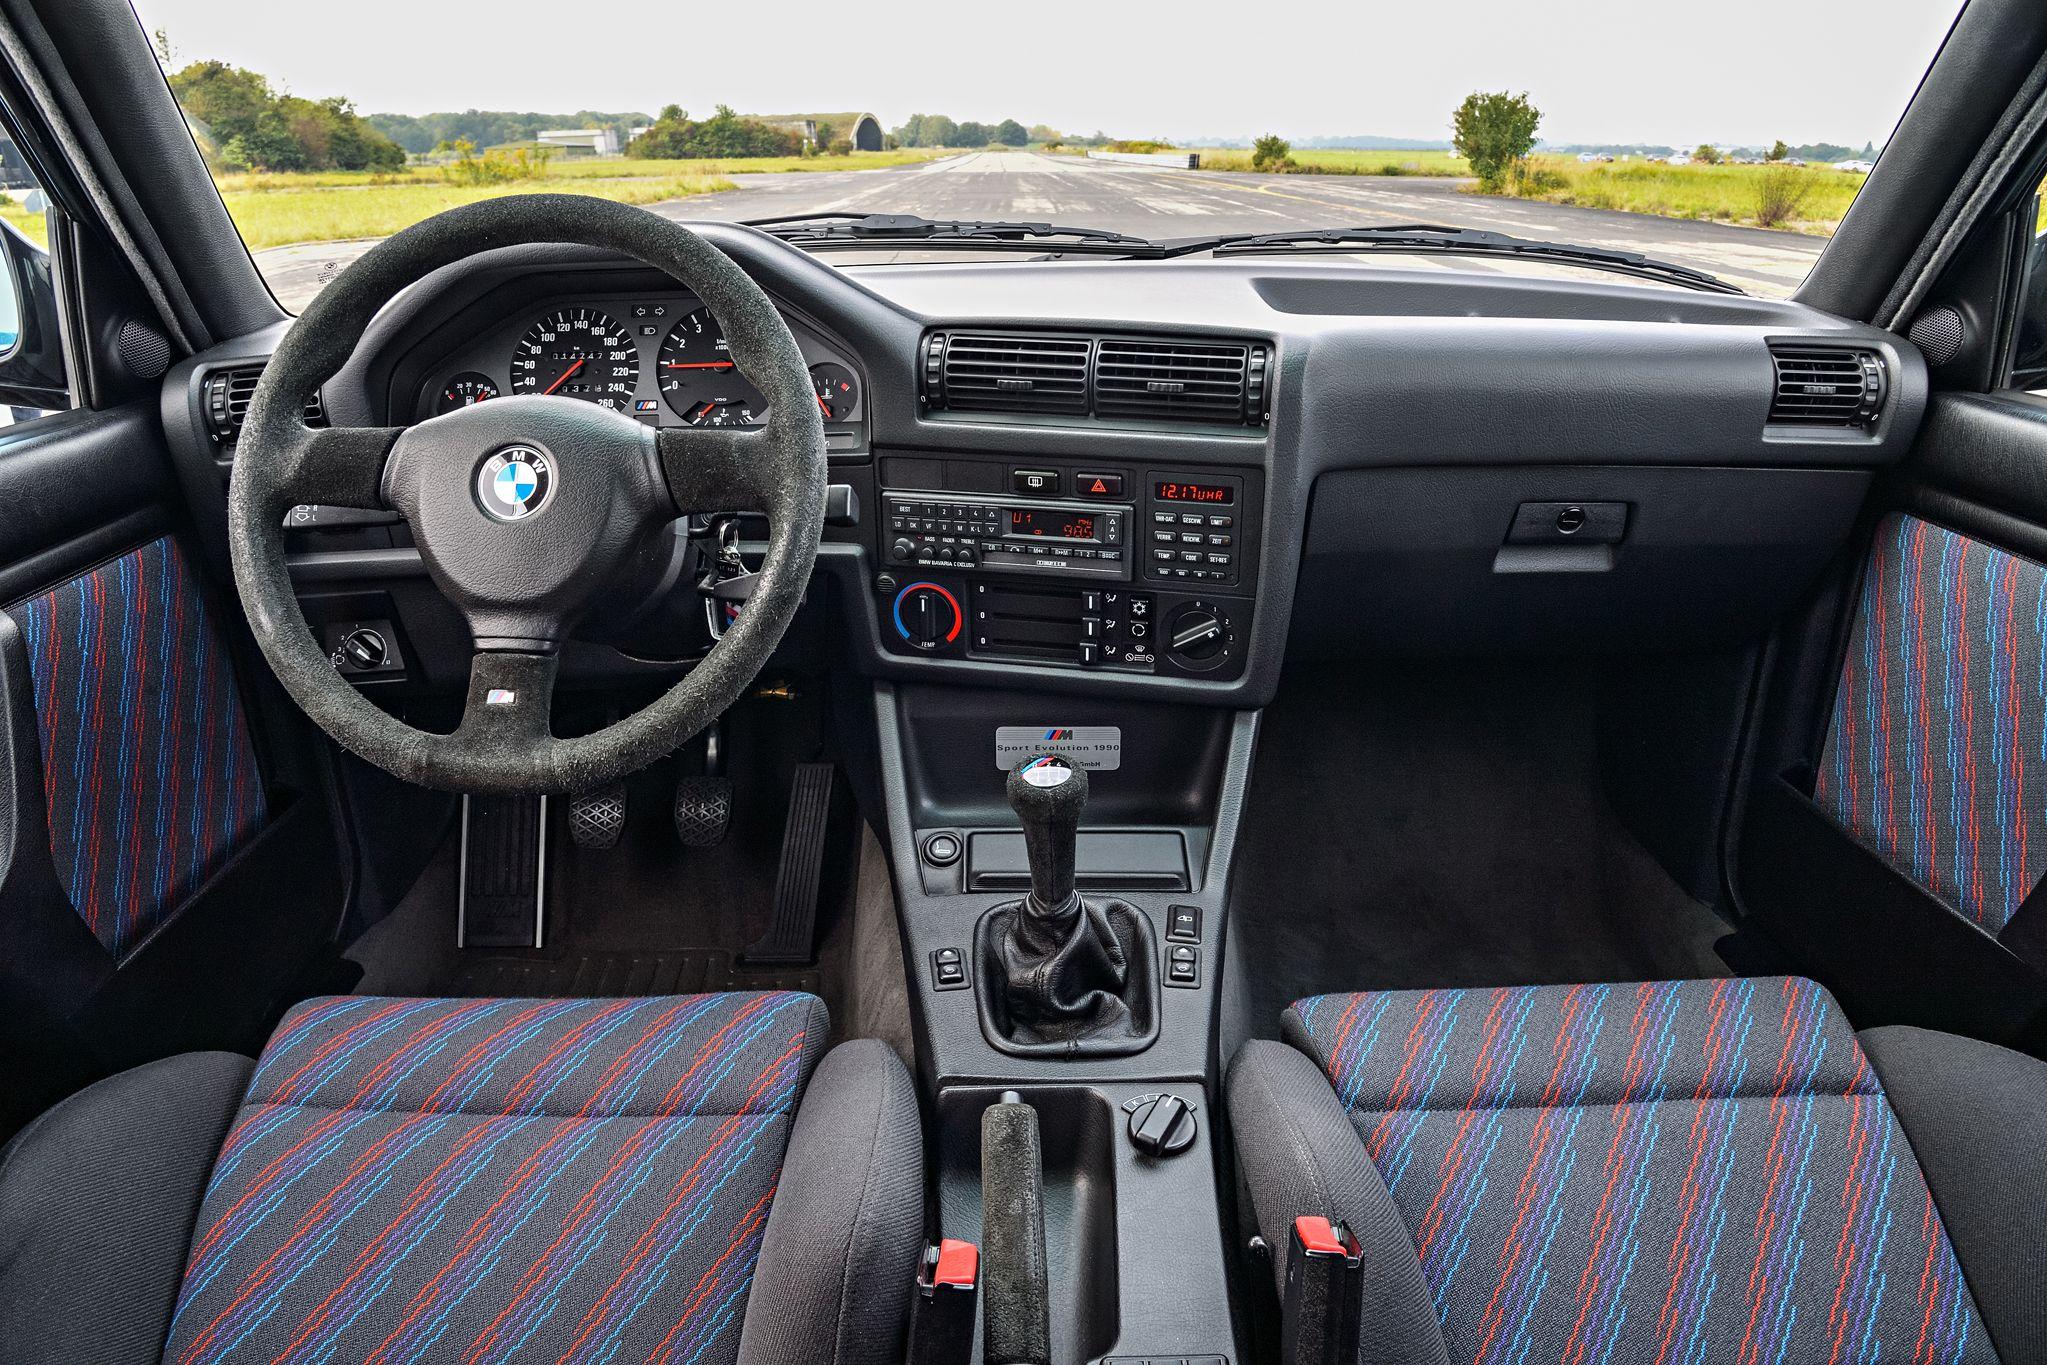 BMW E30 Key chain M3 keychain bmw mpower EVO m performance e30